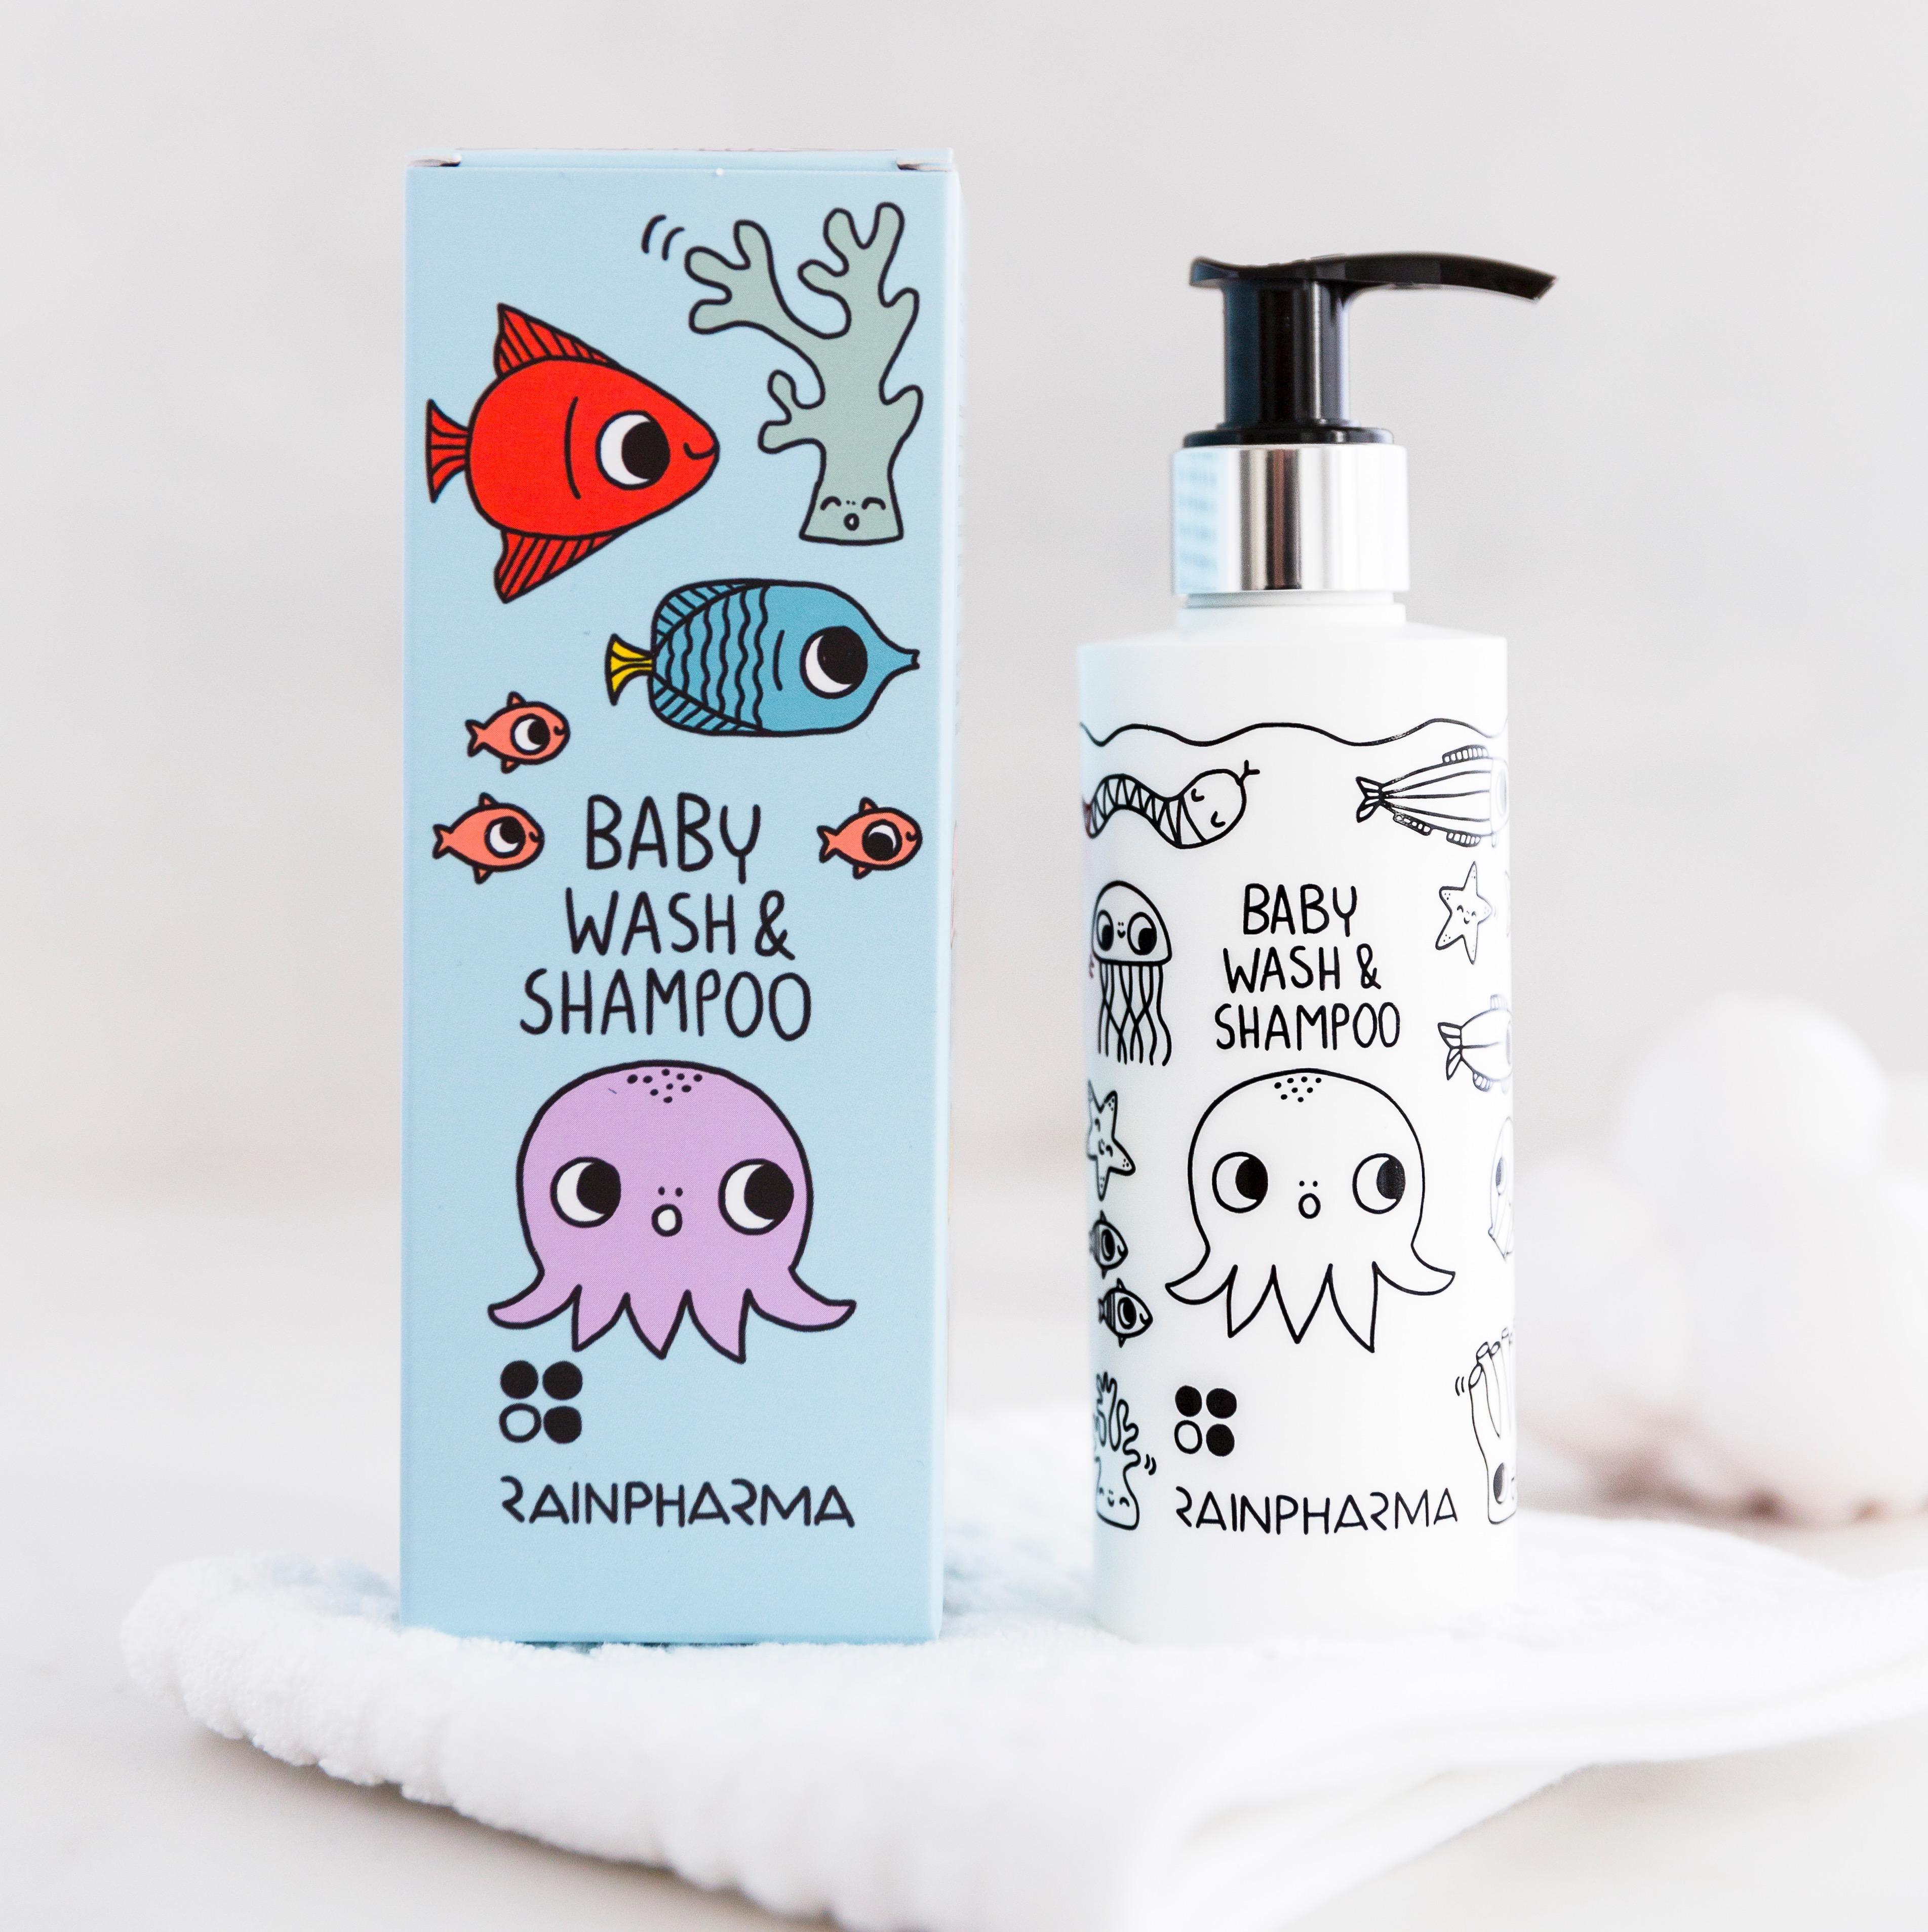 baby-wash-shampoo-200-ml